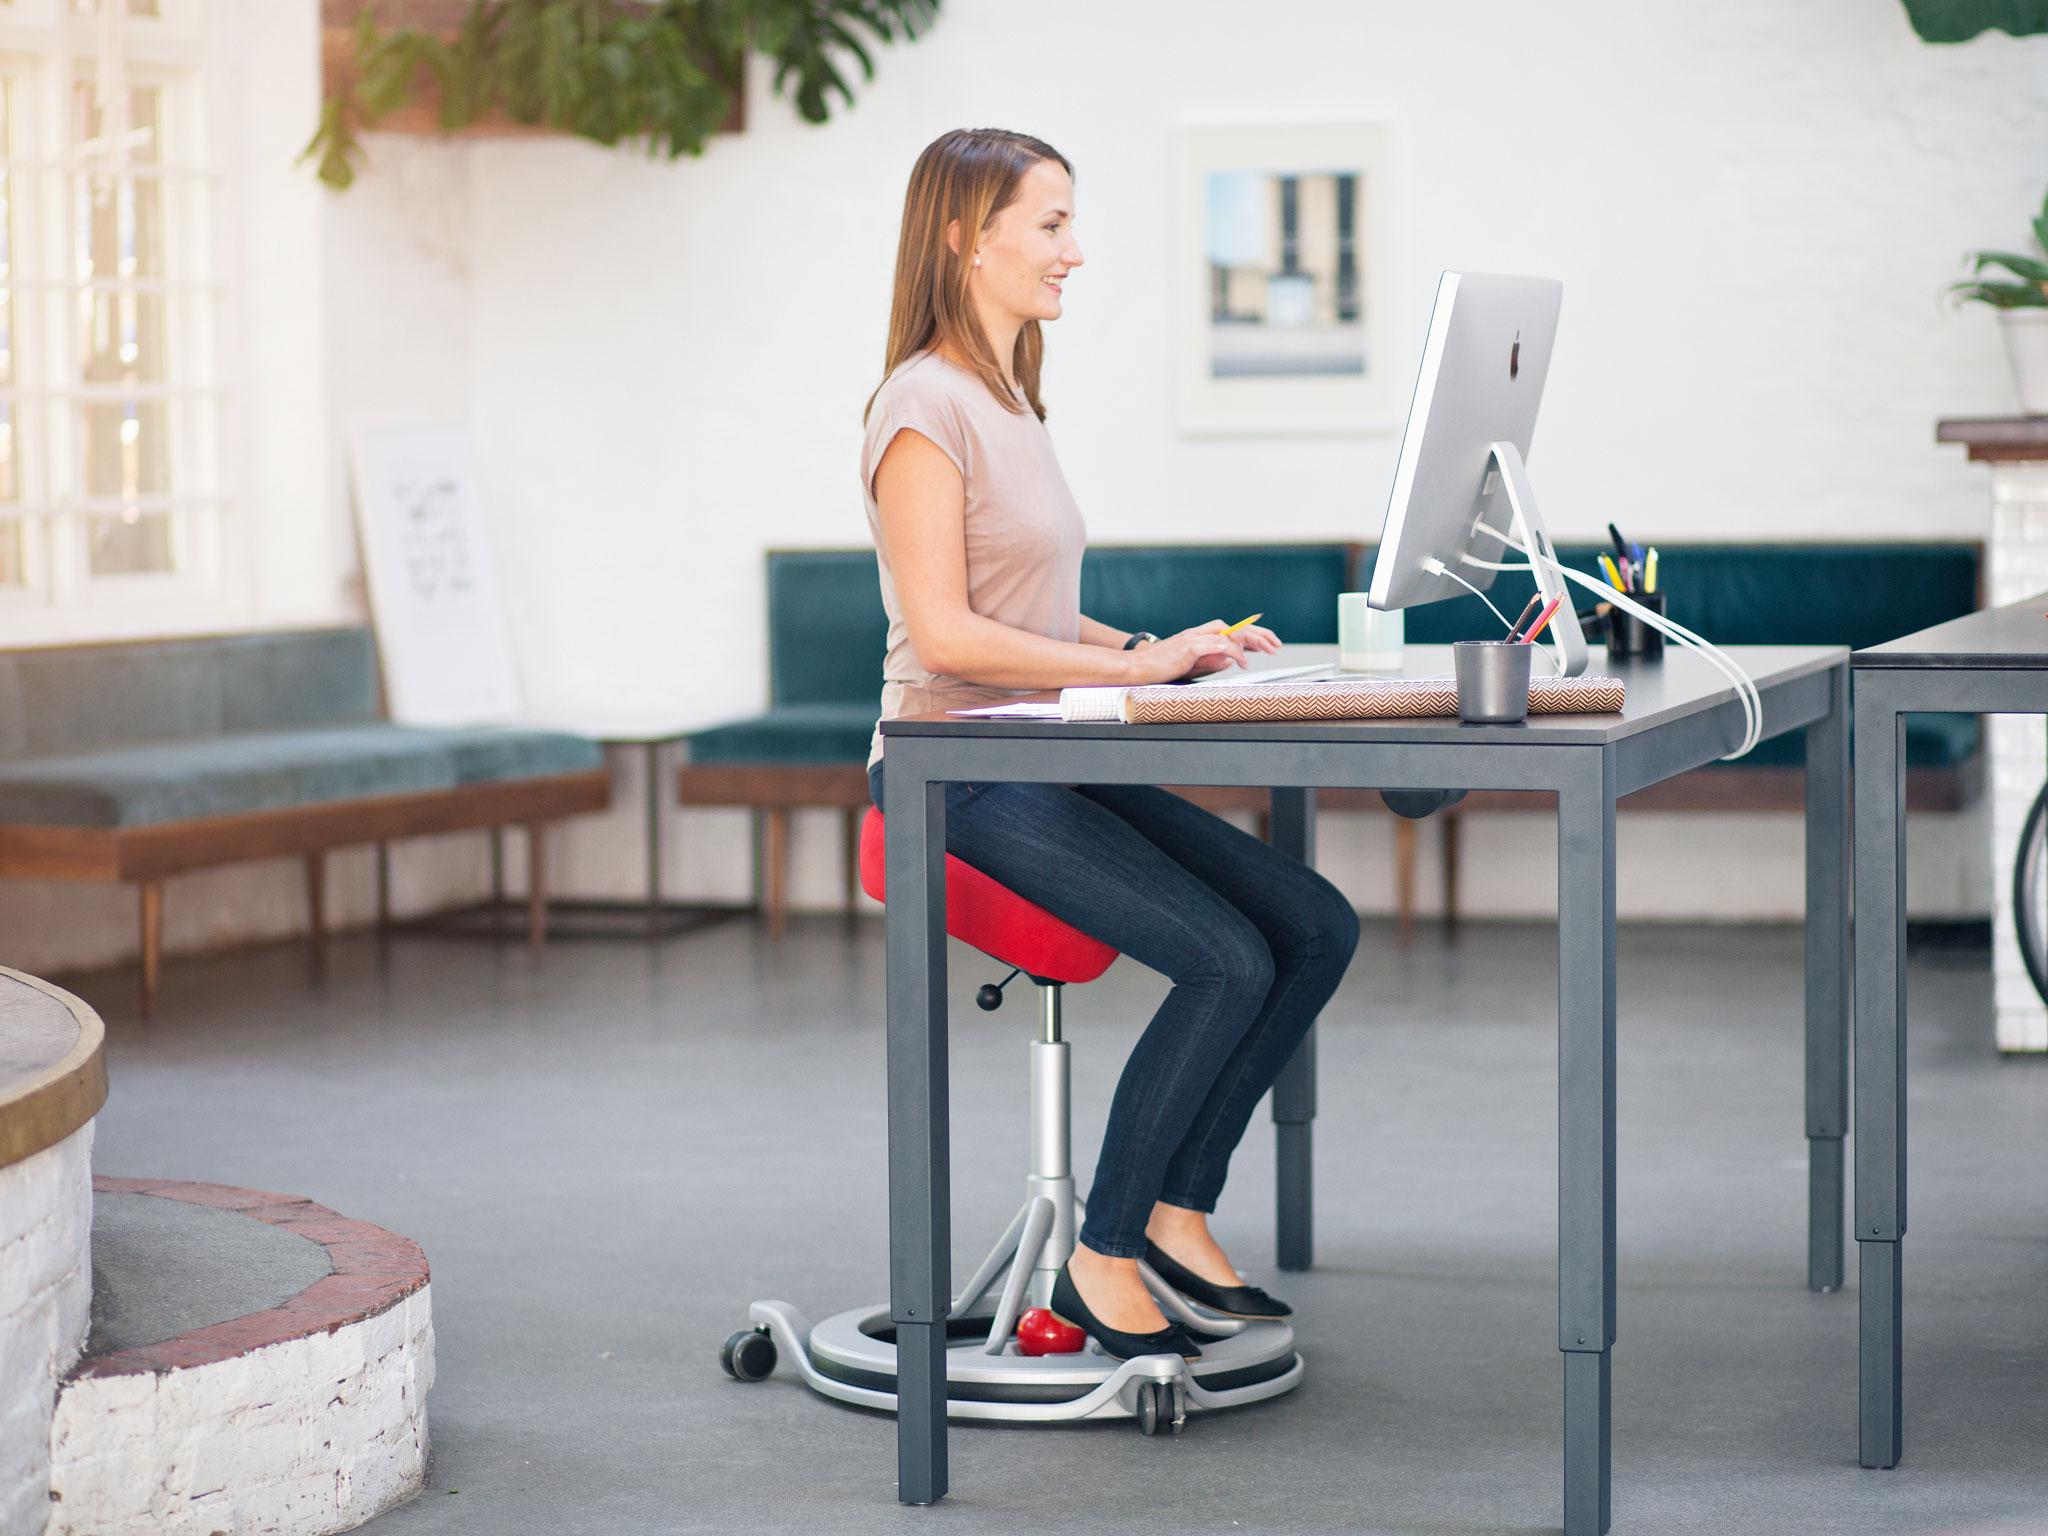 آیا این وسیله می تواند از عوارض ناشی از نشستن جلوگیری کند